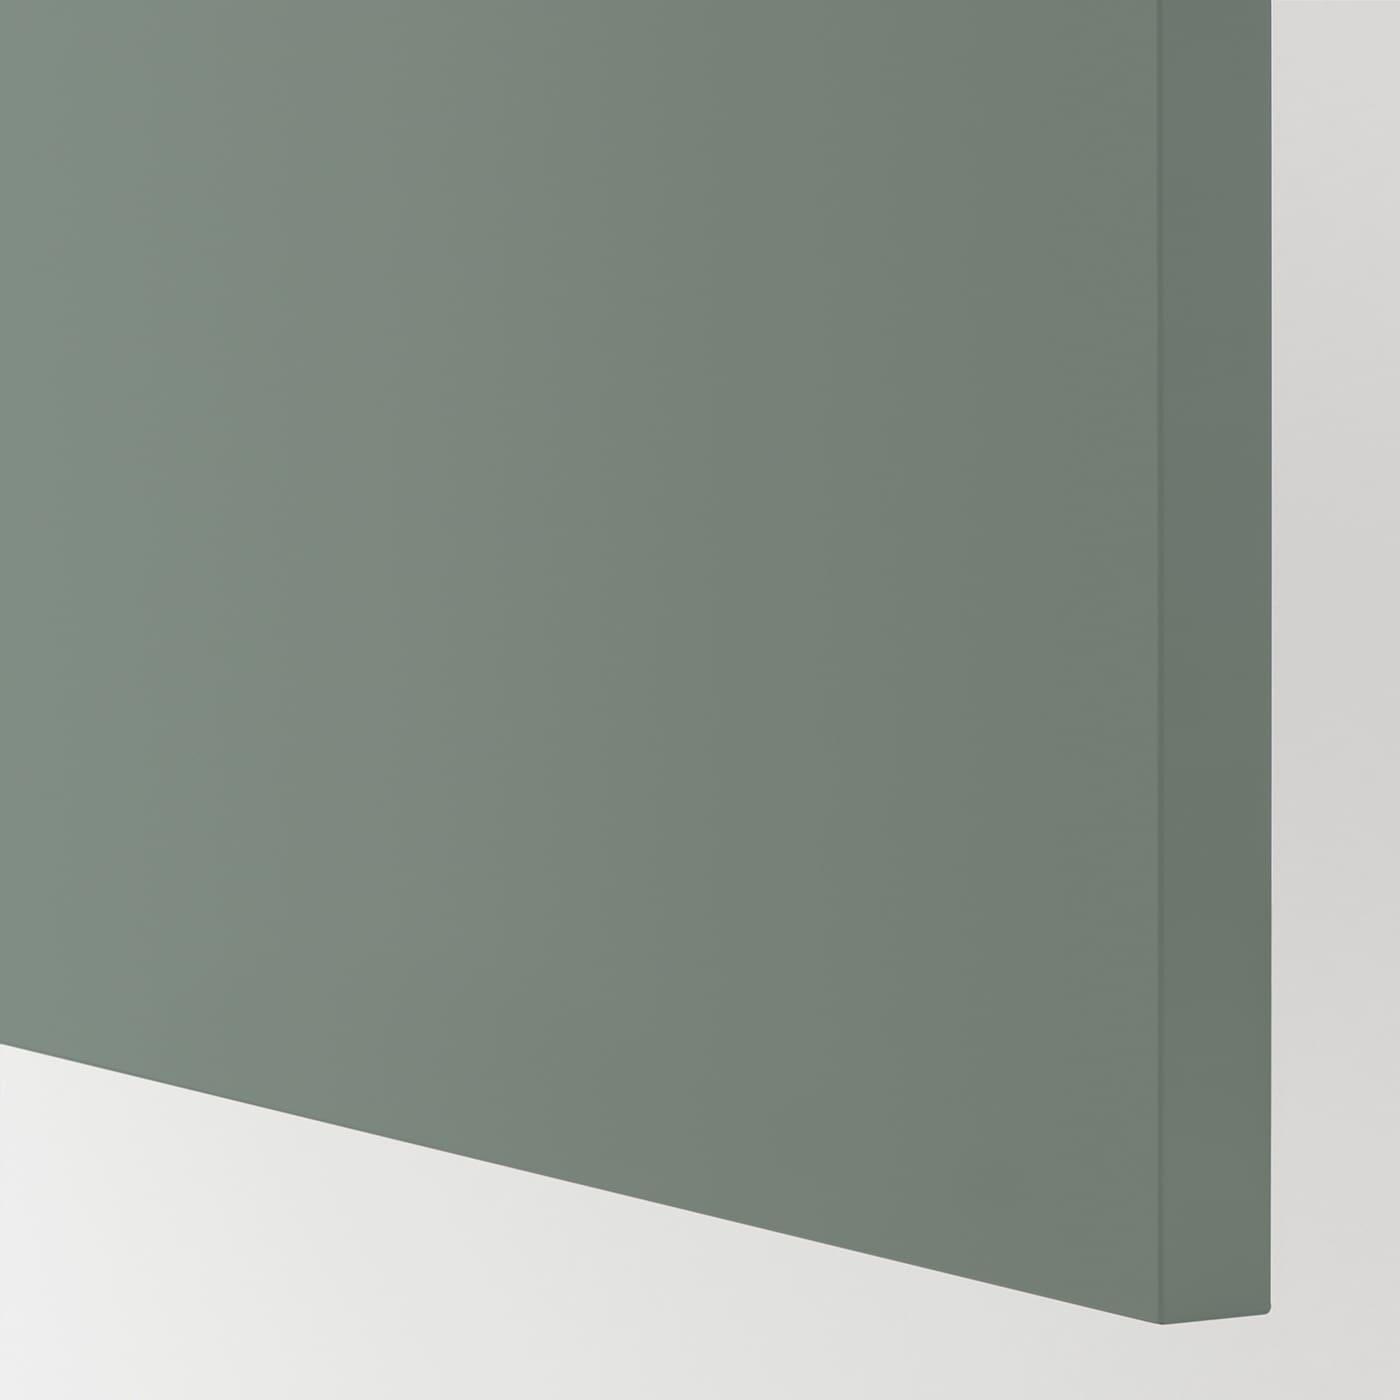 Bodarp Porte Element Bas D Angle 2pcs Gris Vert 25x80 Cm Ikea